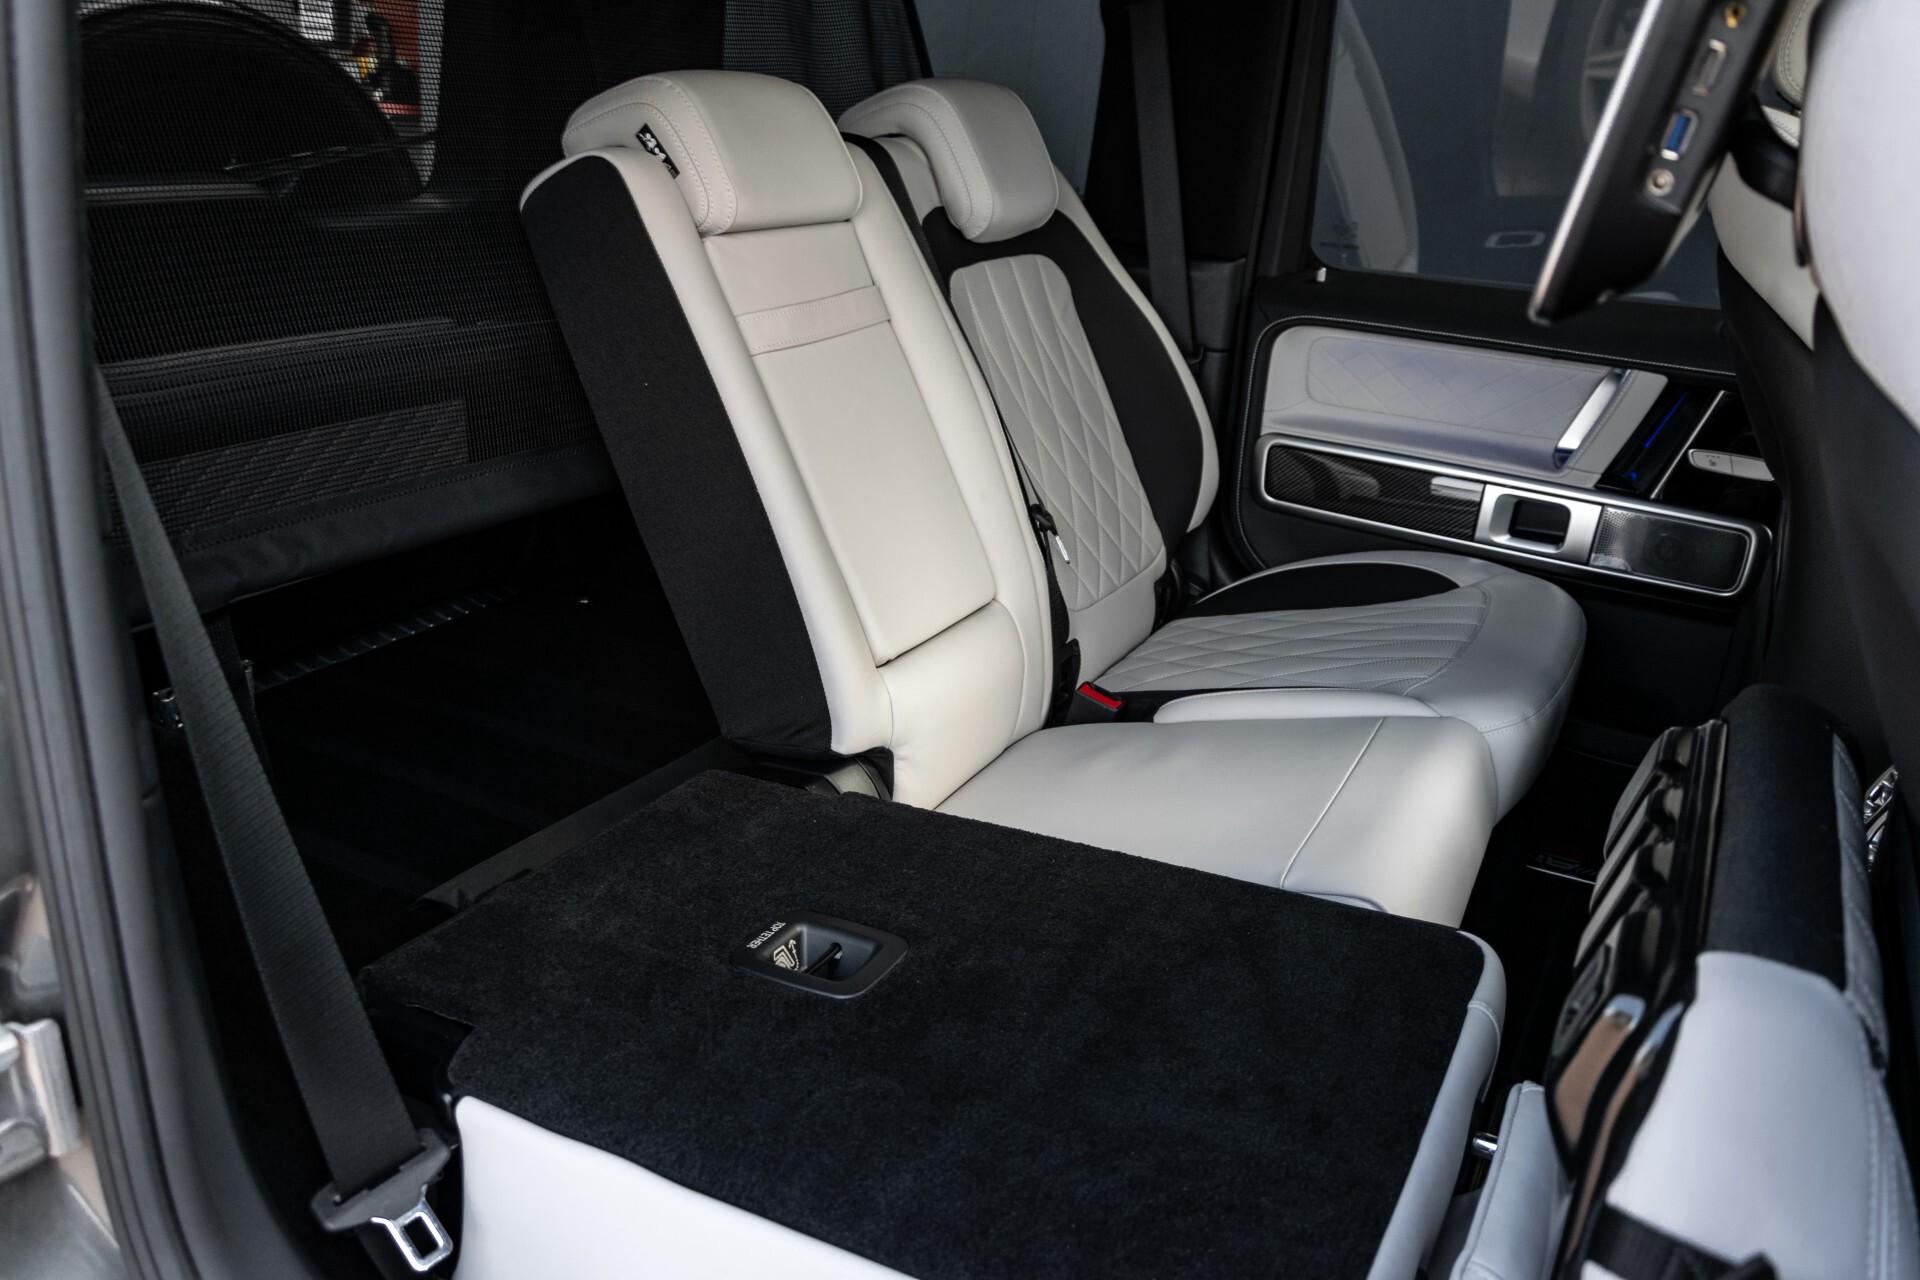 Mercedes-Benz G-Klasse 63 Manufaktur/Carbon/Massage/Entertainment/Drivers Package/TV Aut9 Foto 7